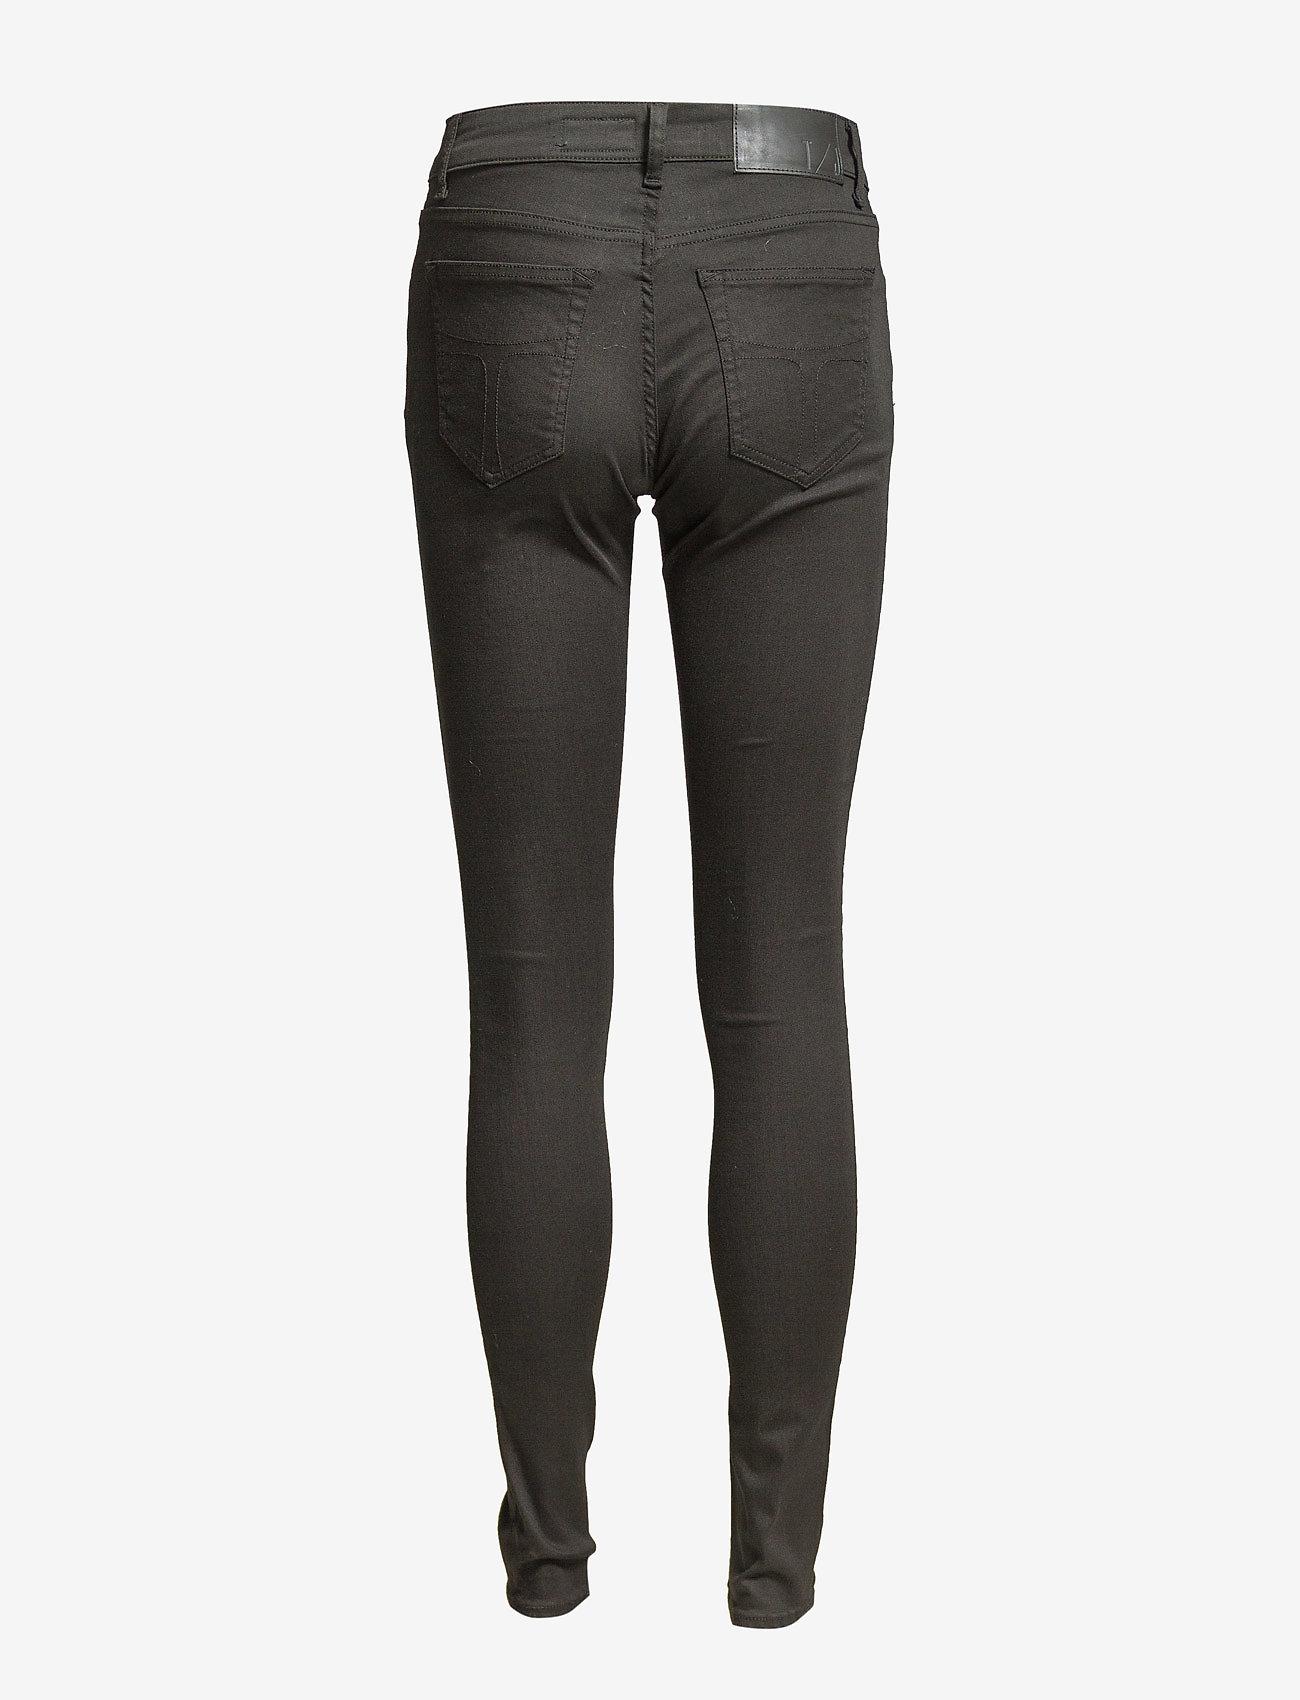 Tiger of Sweden Jeans - SLIGHT - džinsa bikses ar šaurām starām - black - 1